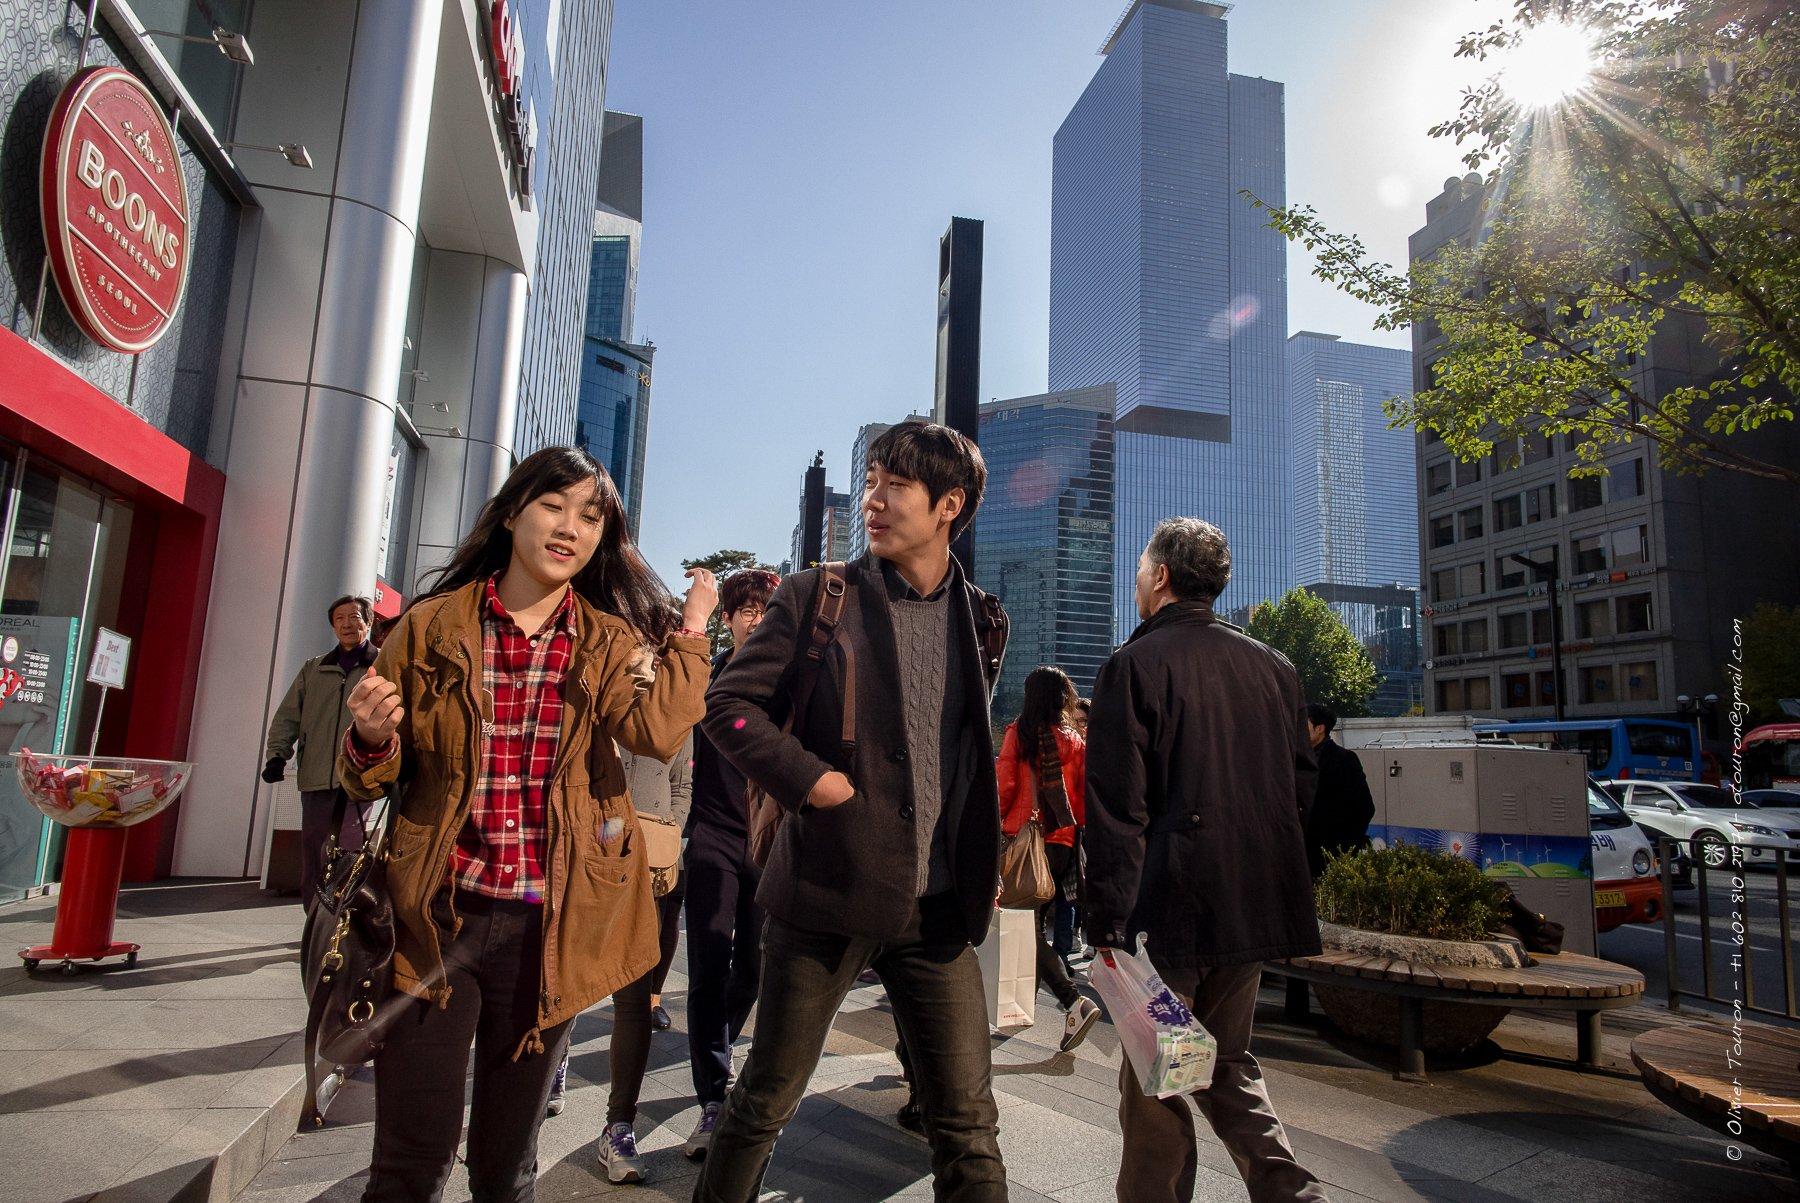 10 novembre 2013. Corée du Sud. Séoul. Quartier branché, chic et riche de Gangnam sur la rive sud de la rivière hangang. // © Olivier Touron / Divergence